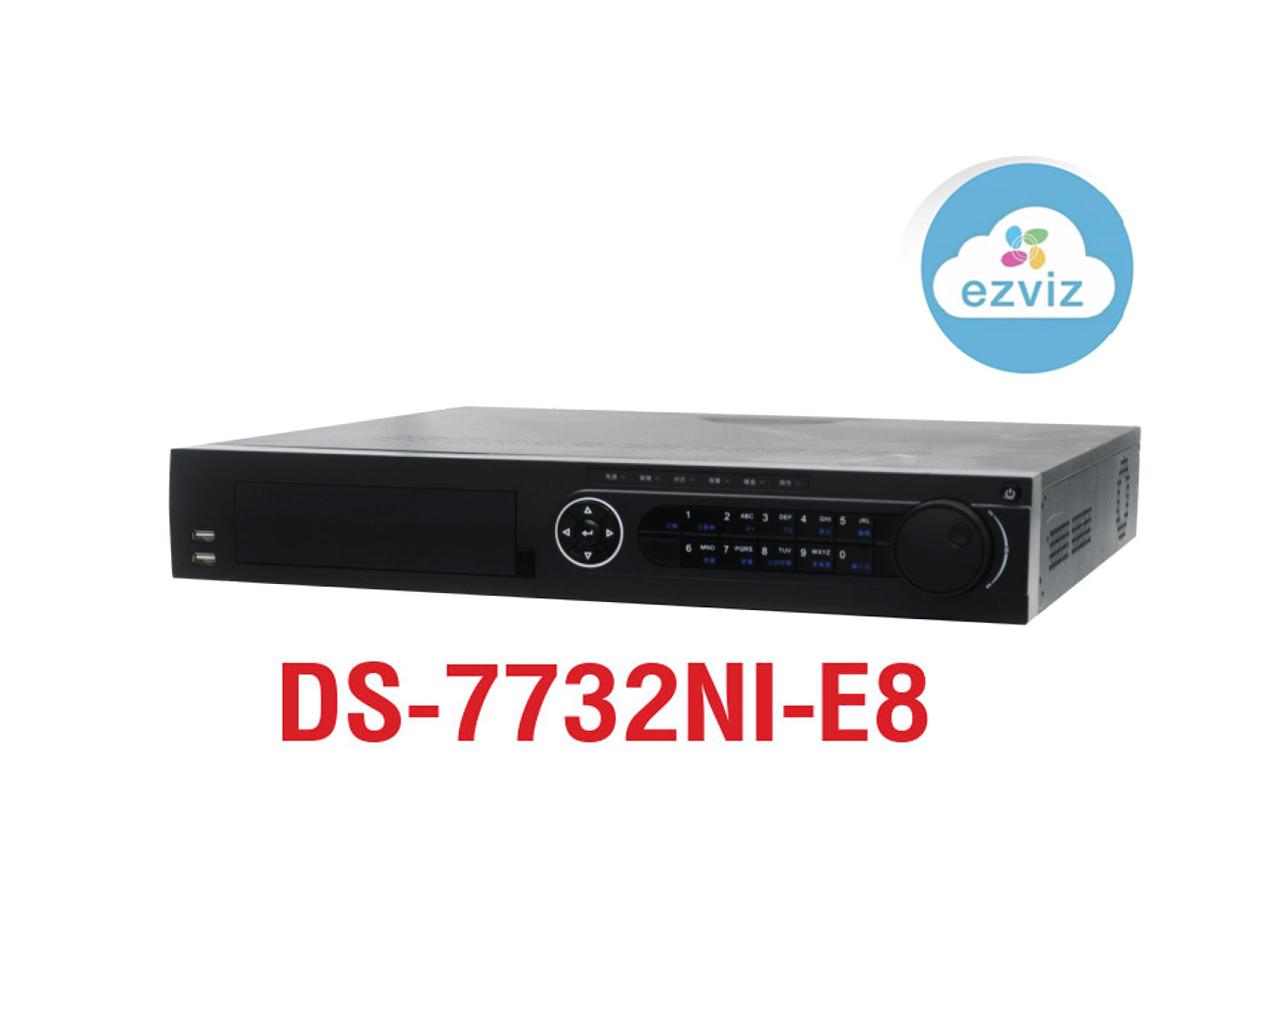 ็HIKVISION NVR DS-7732NI-E8